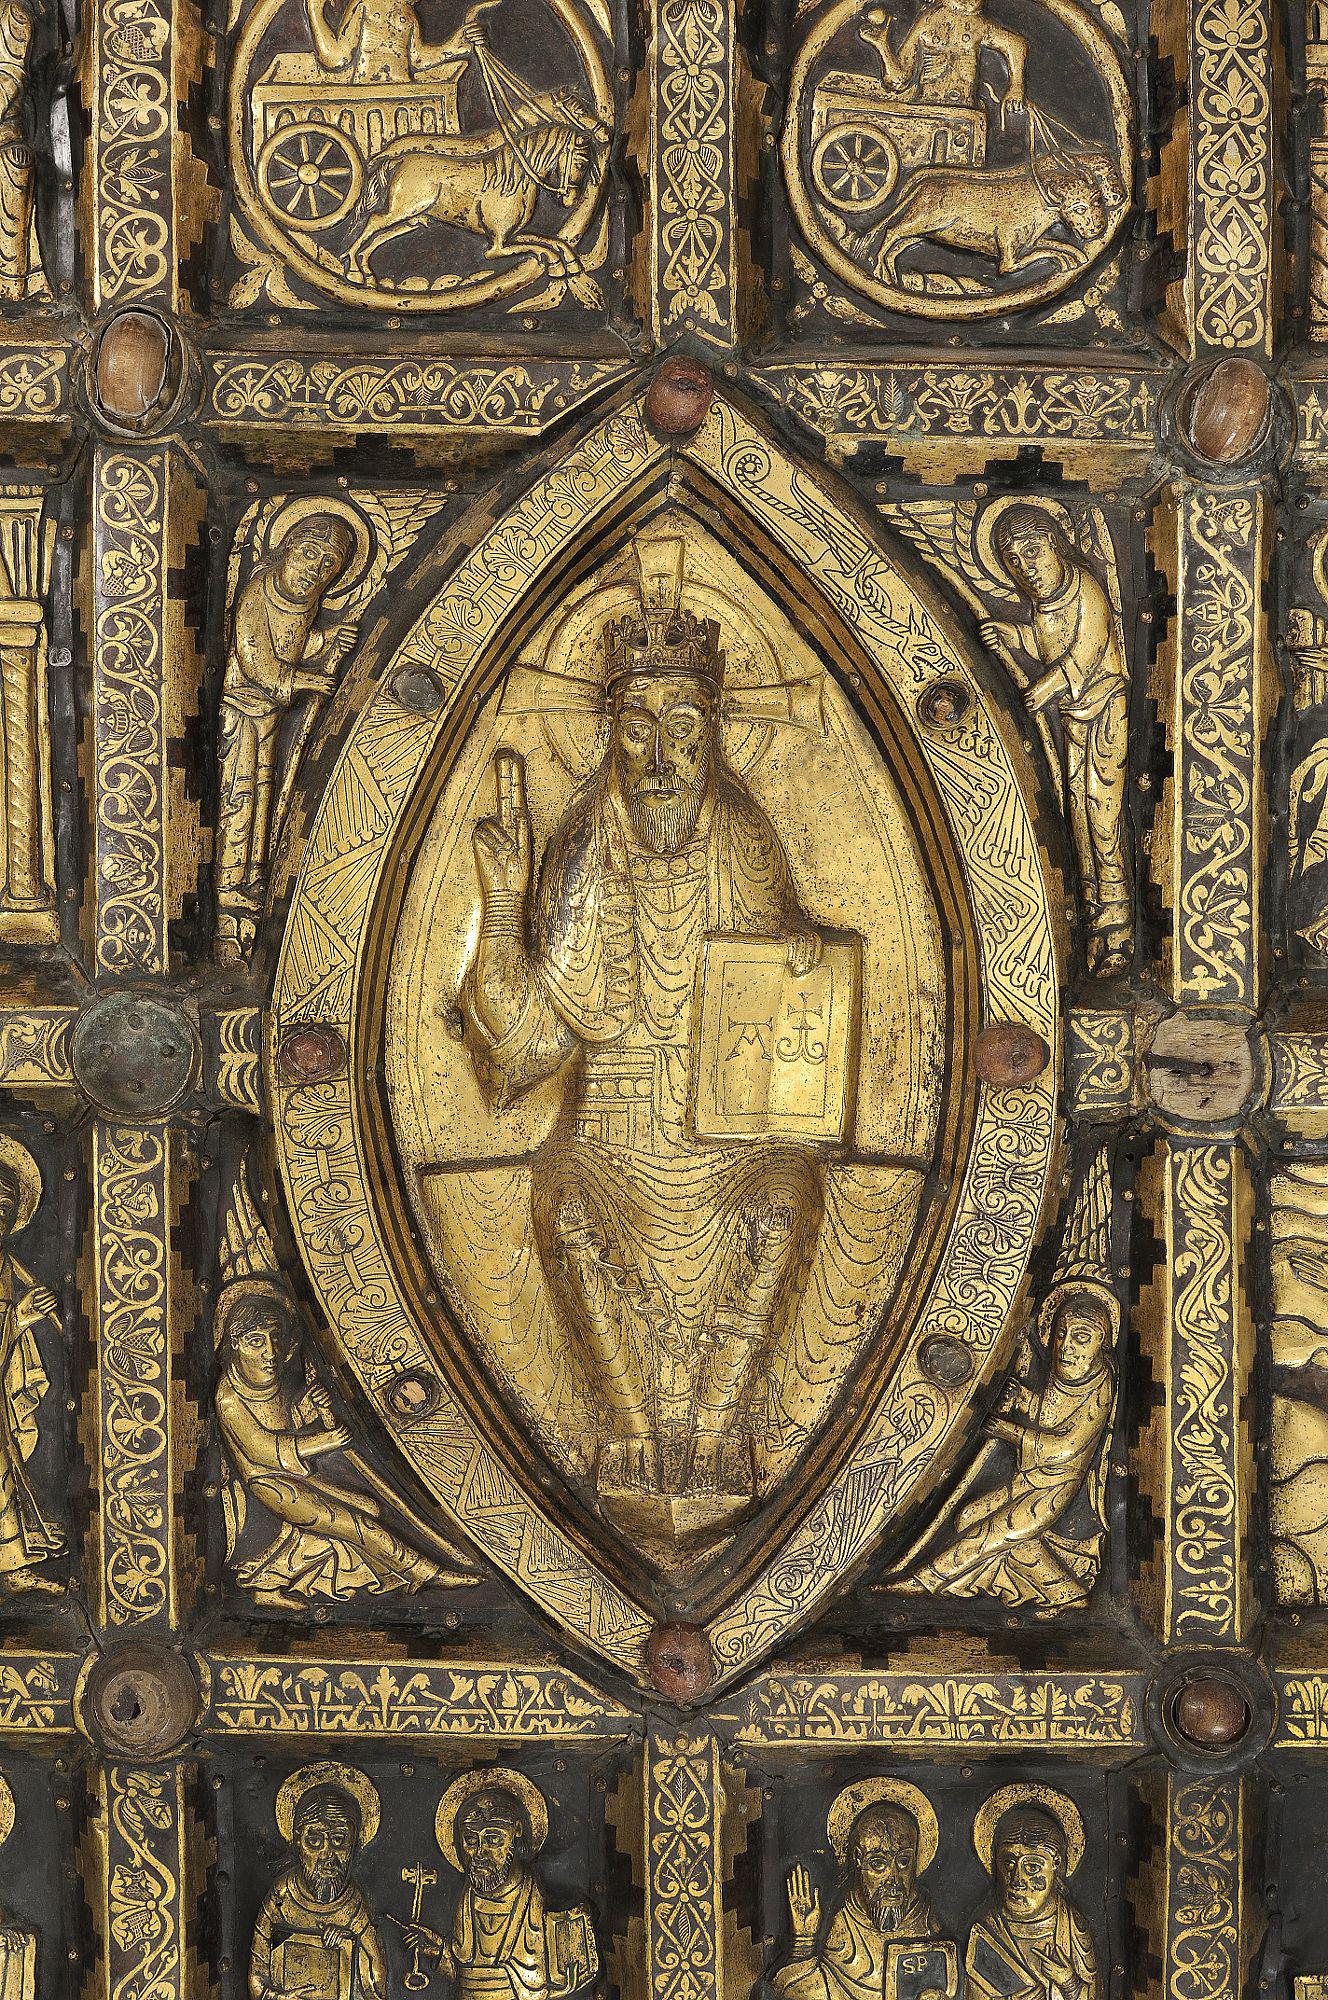 Detalj av Broddetorpsaltaret som visar Kristus på sin tron.